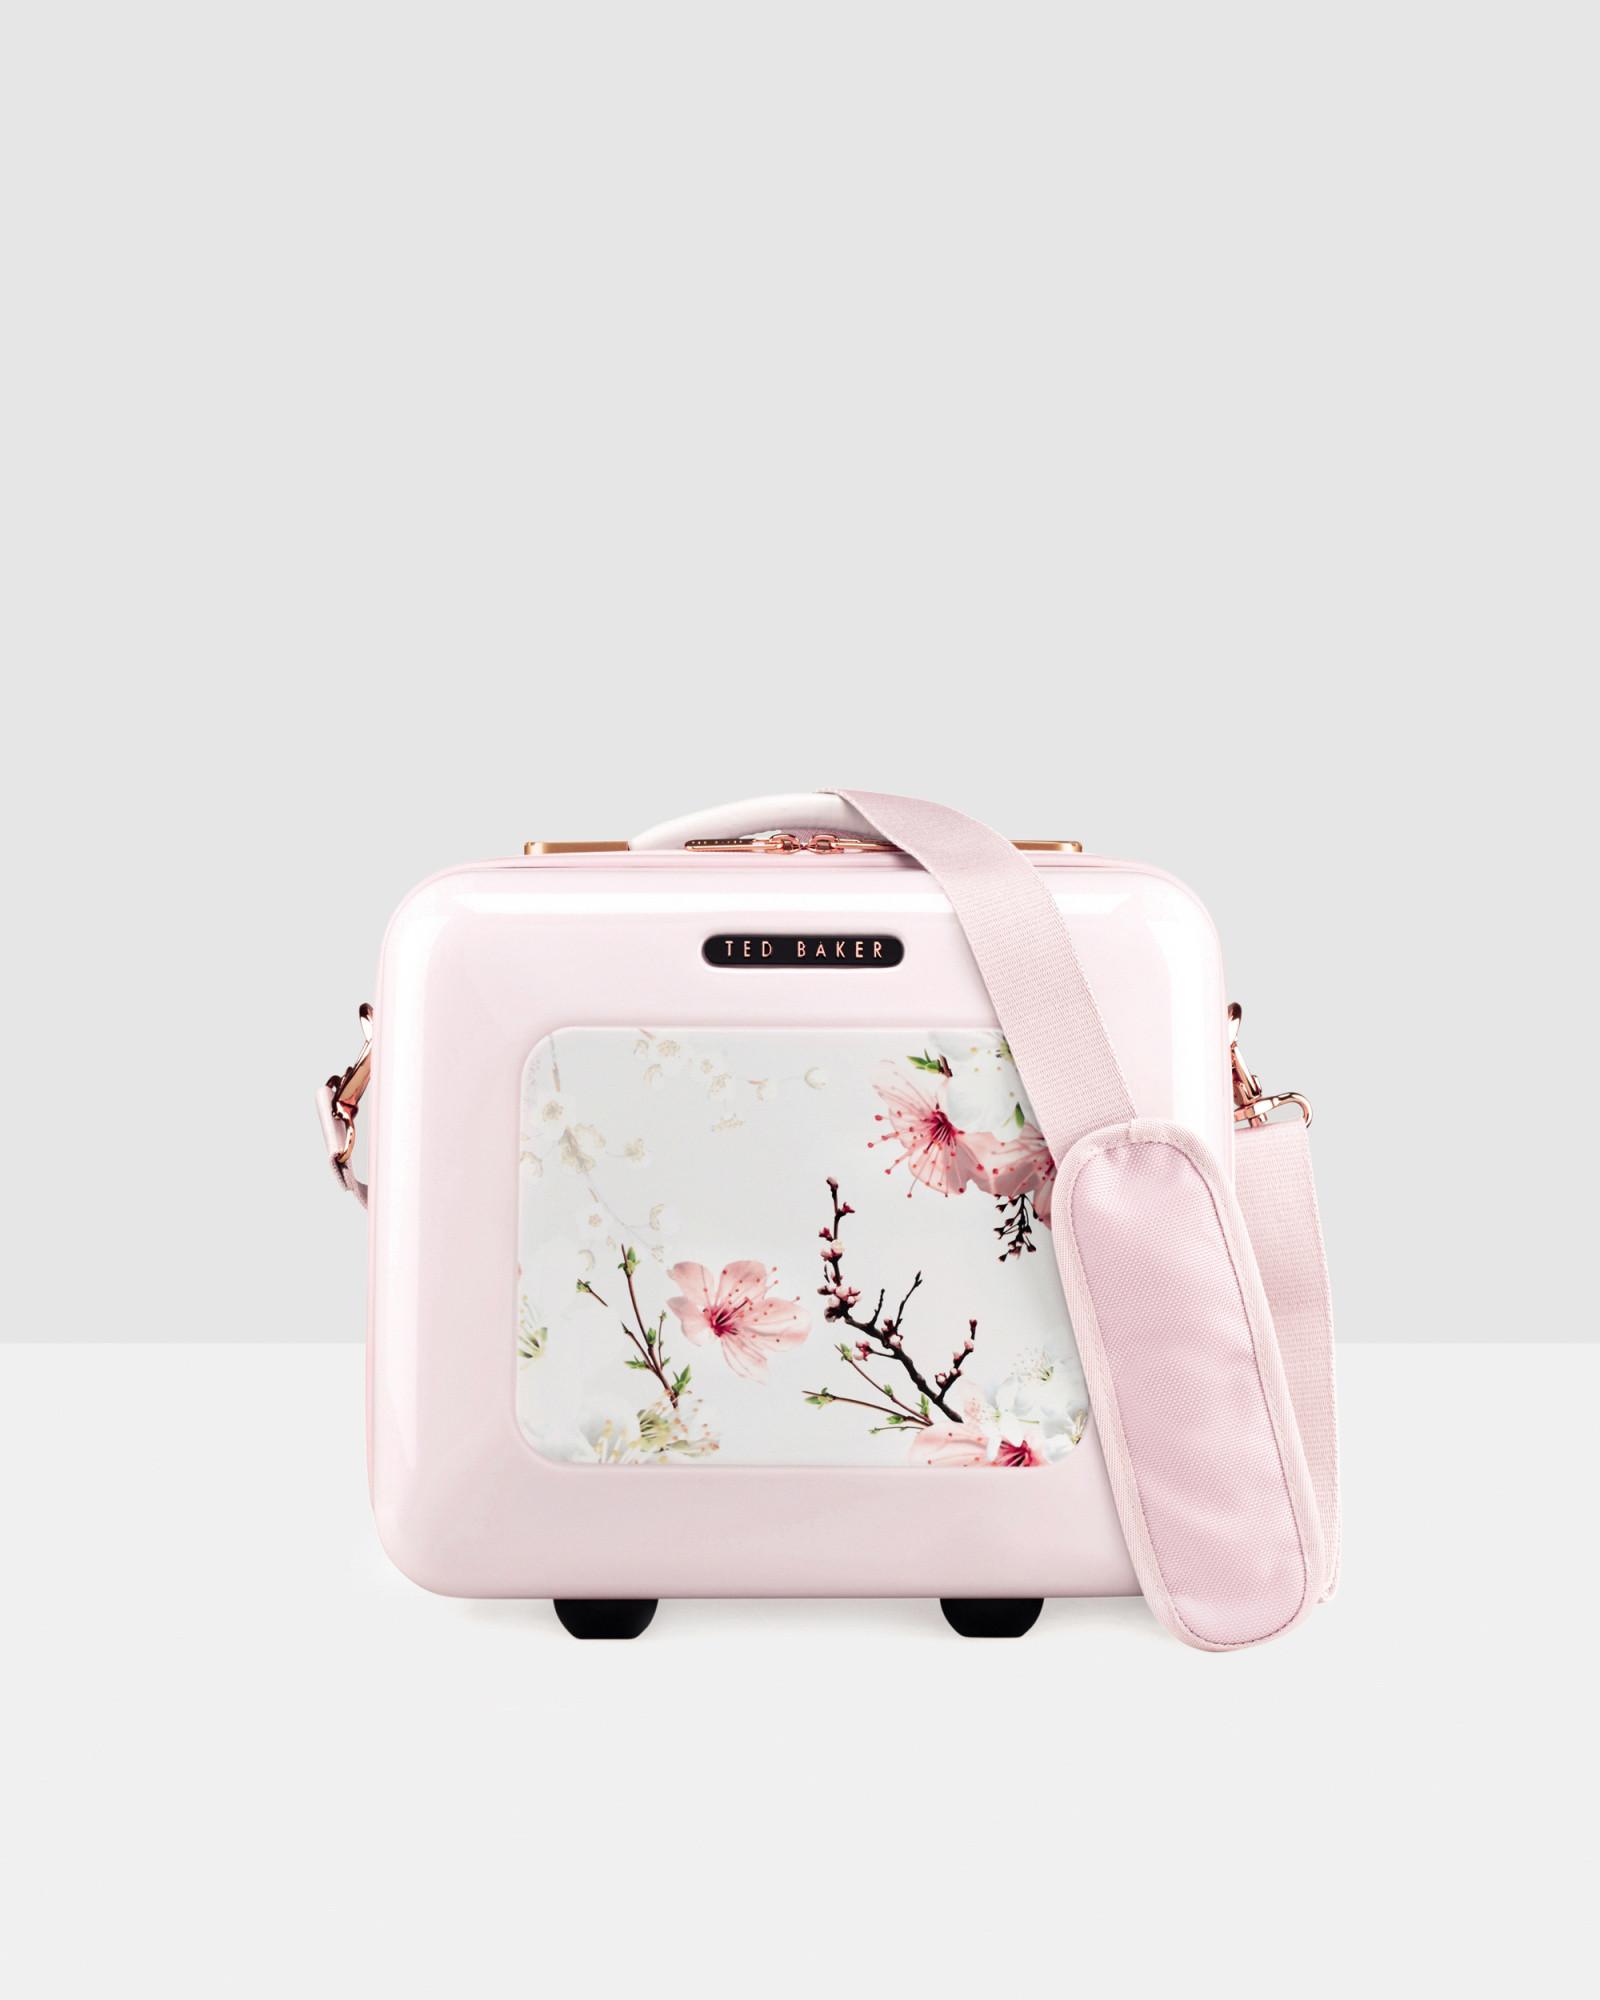 ted bakerBETHY-Oriental-Blossom vanity case £1401.jpg